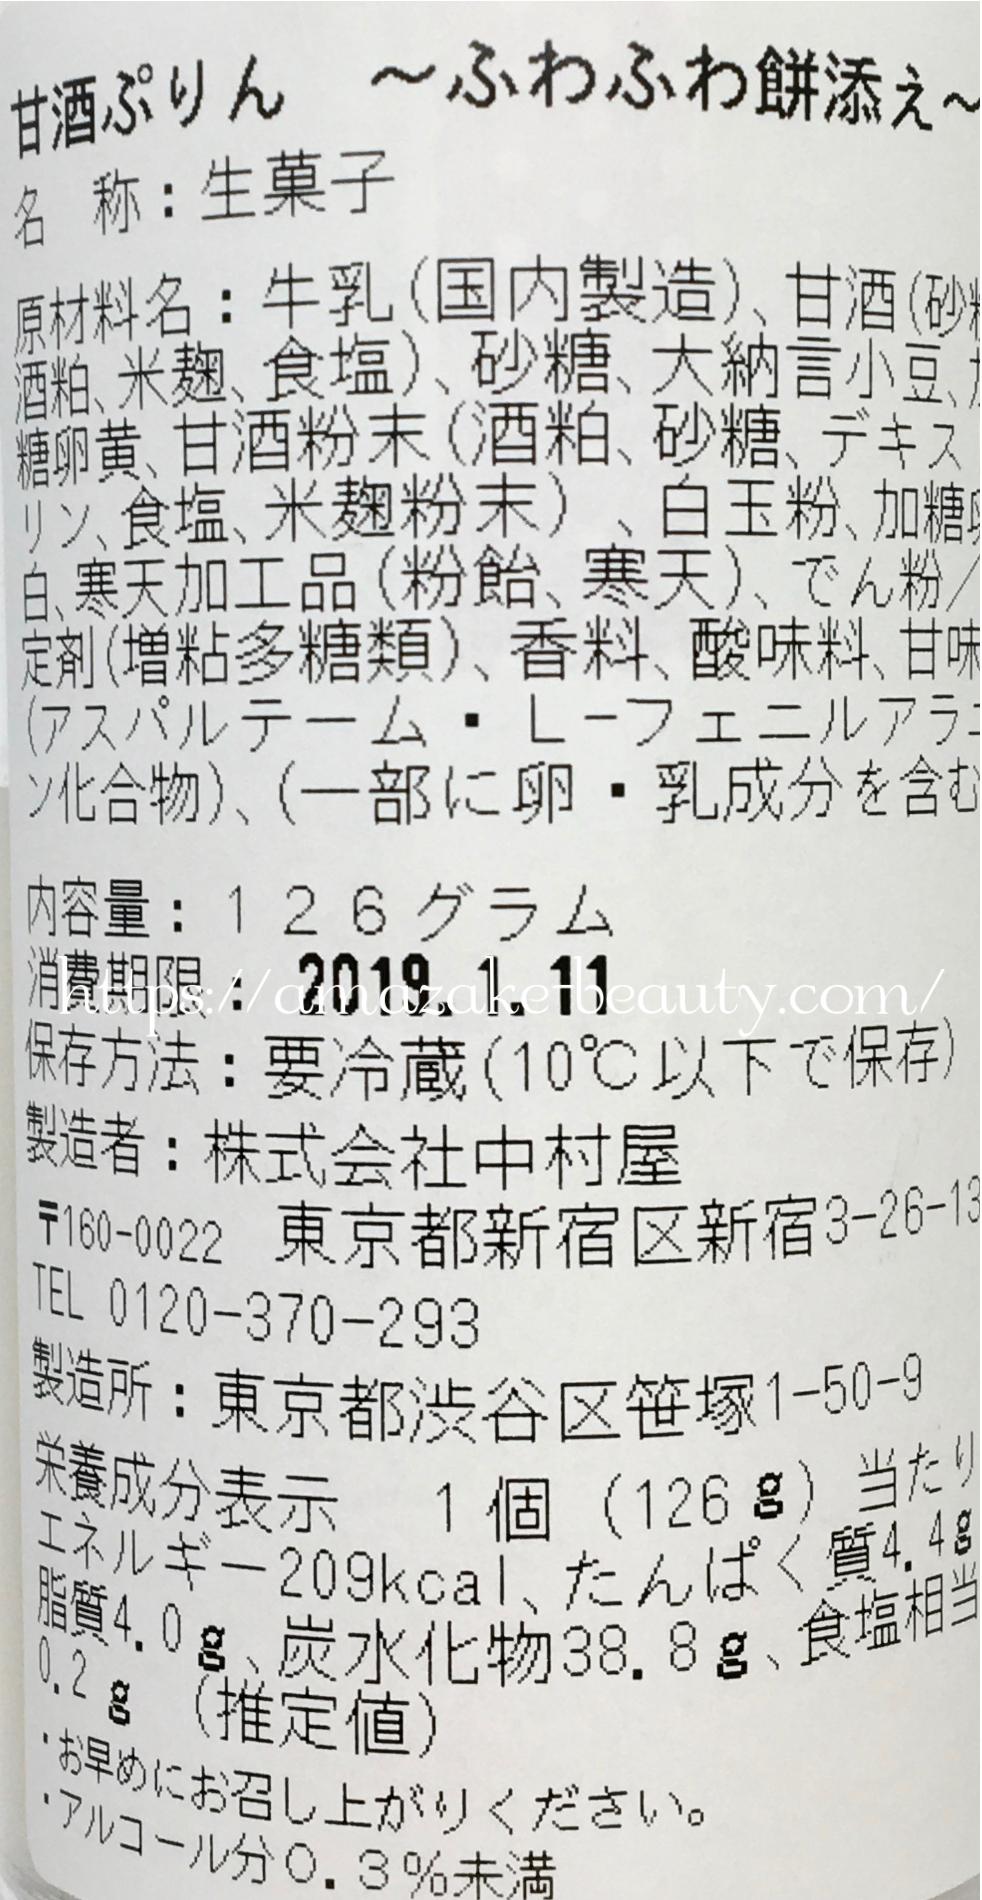 [amazake sweets]issui[amazake purin fuwafuwa mochi zoe](product description)